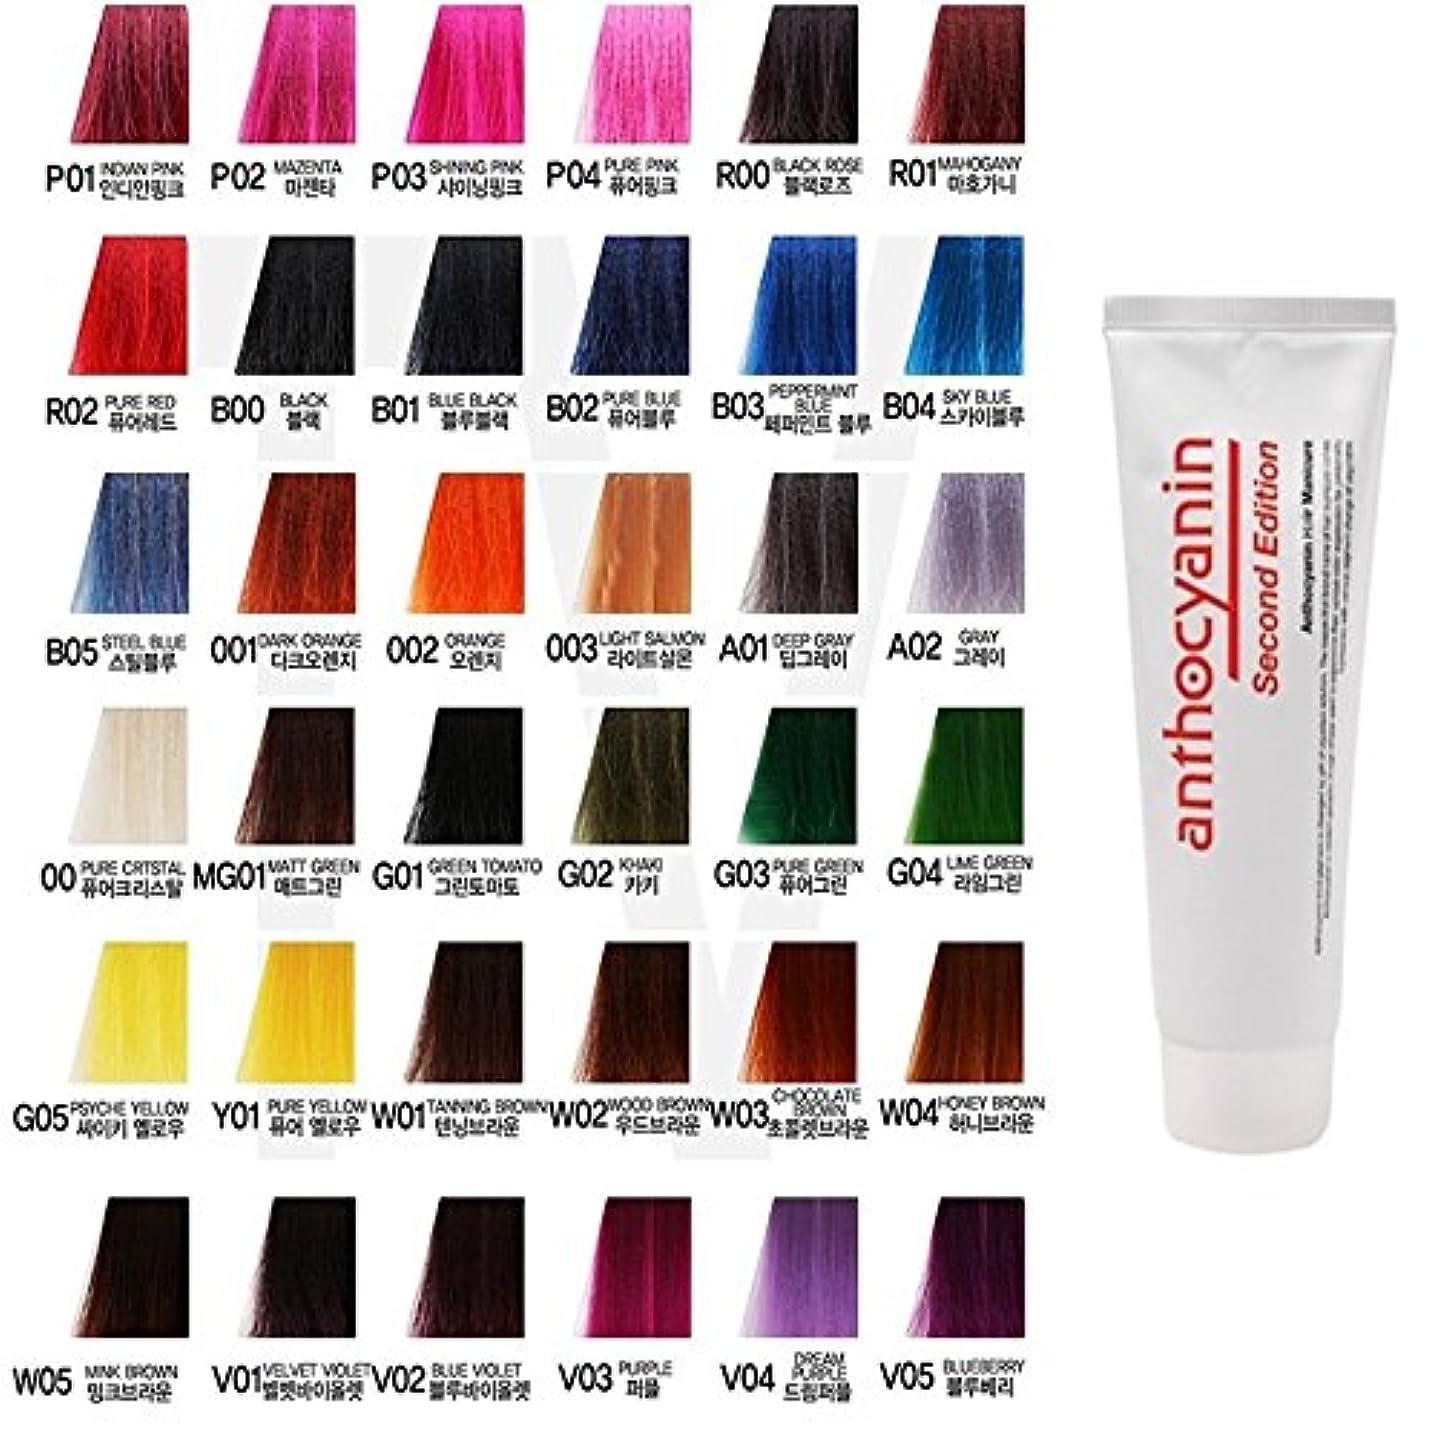 有限危険時期尚早ヘア マニキュア カラー セカンド エディション 230g セミ パーマネント 染毛剤 ( Hair Manicure Color Second Edition 230g Semi Permanent Hair Dye)...